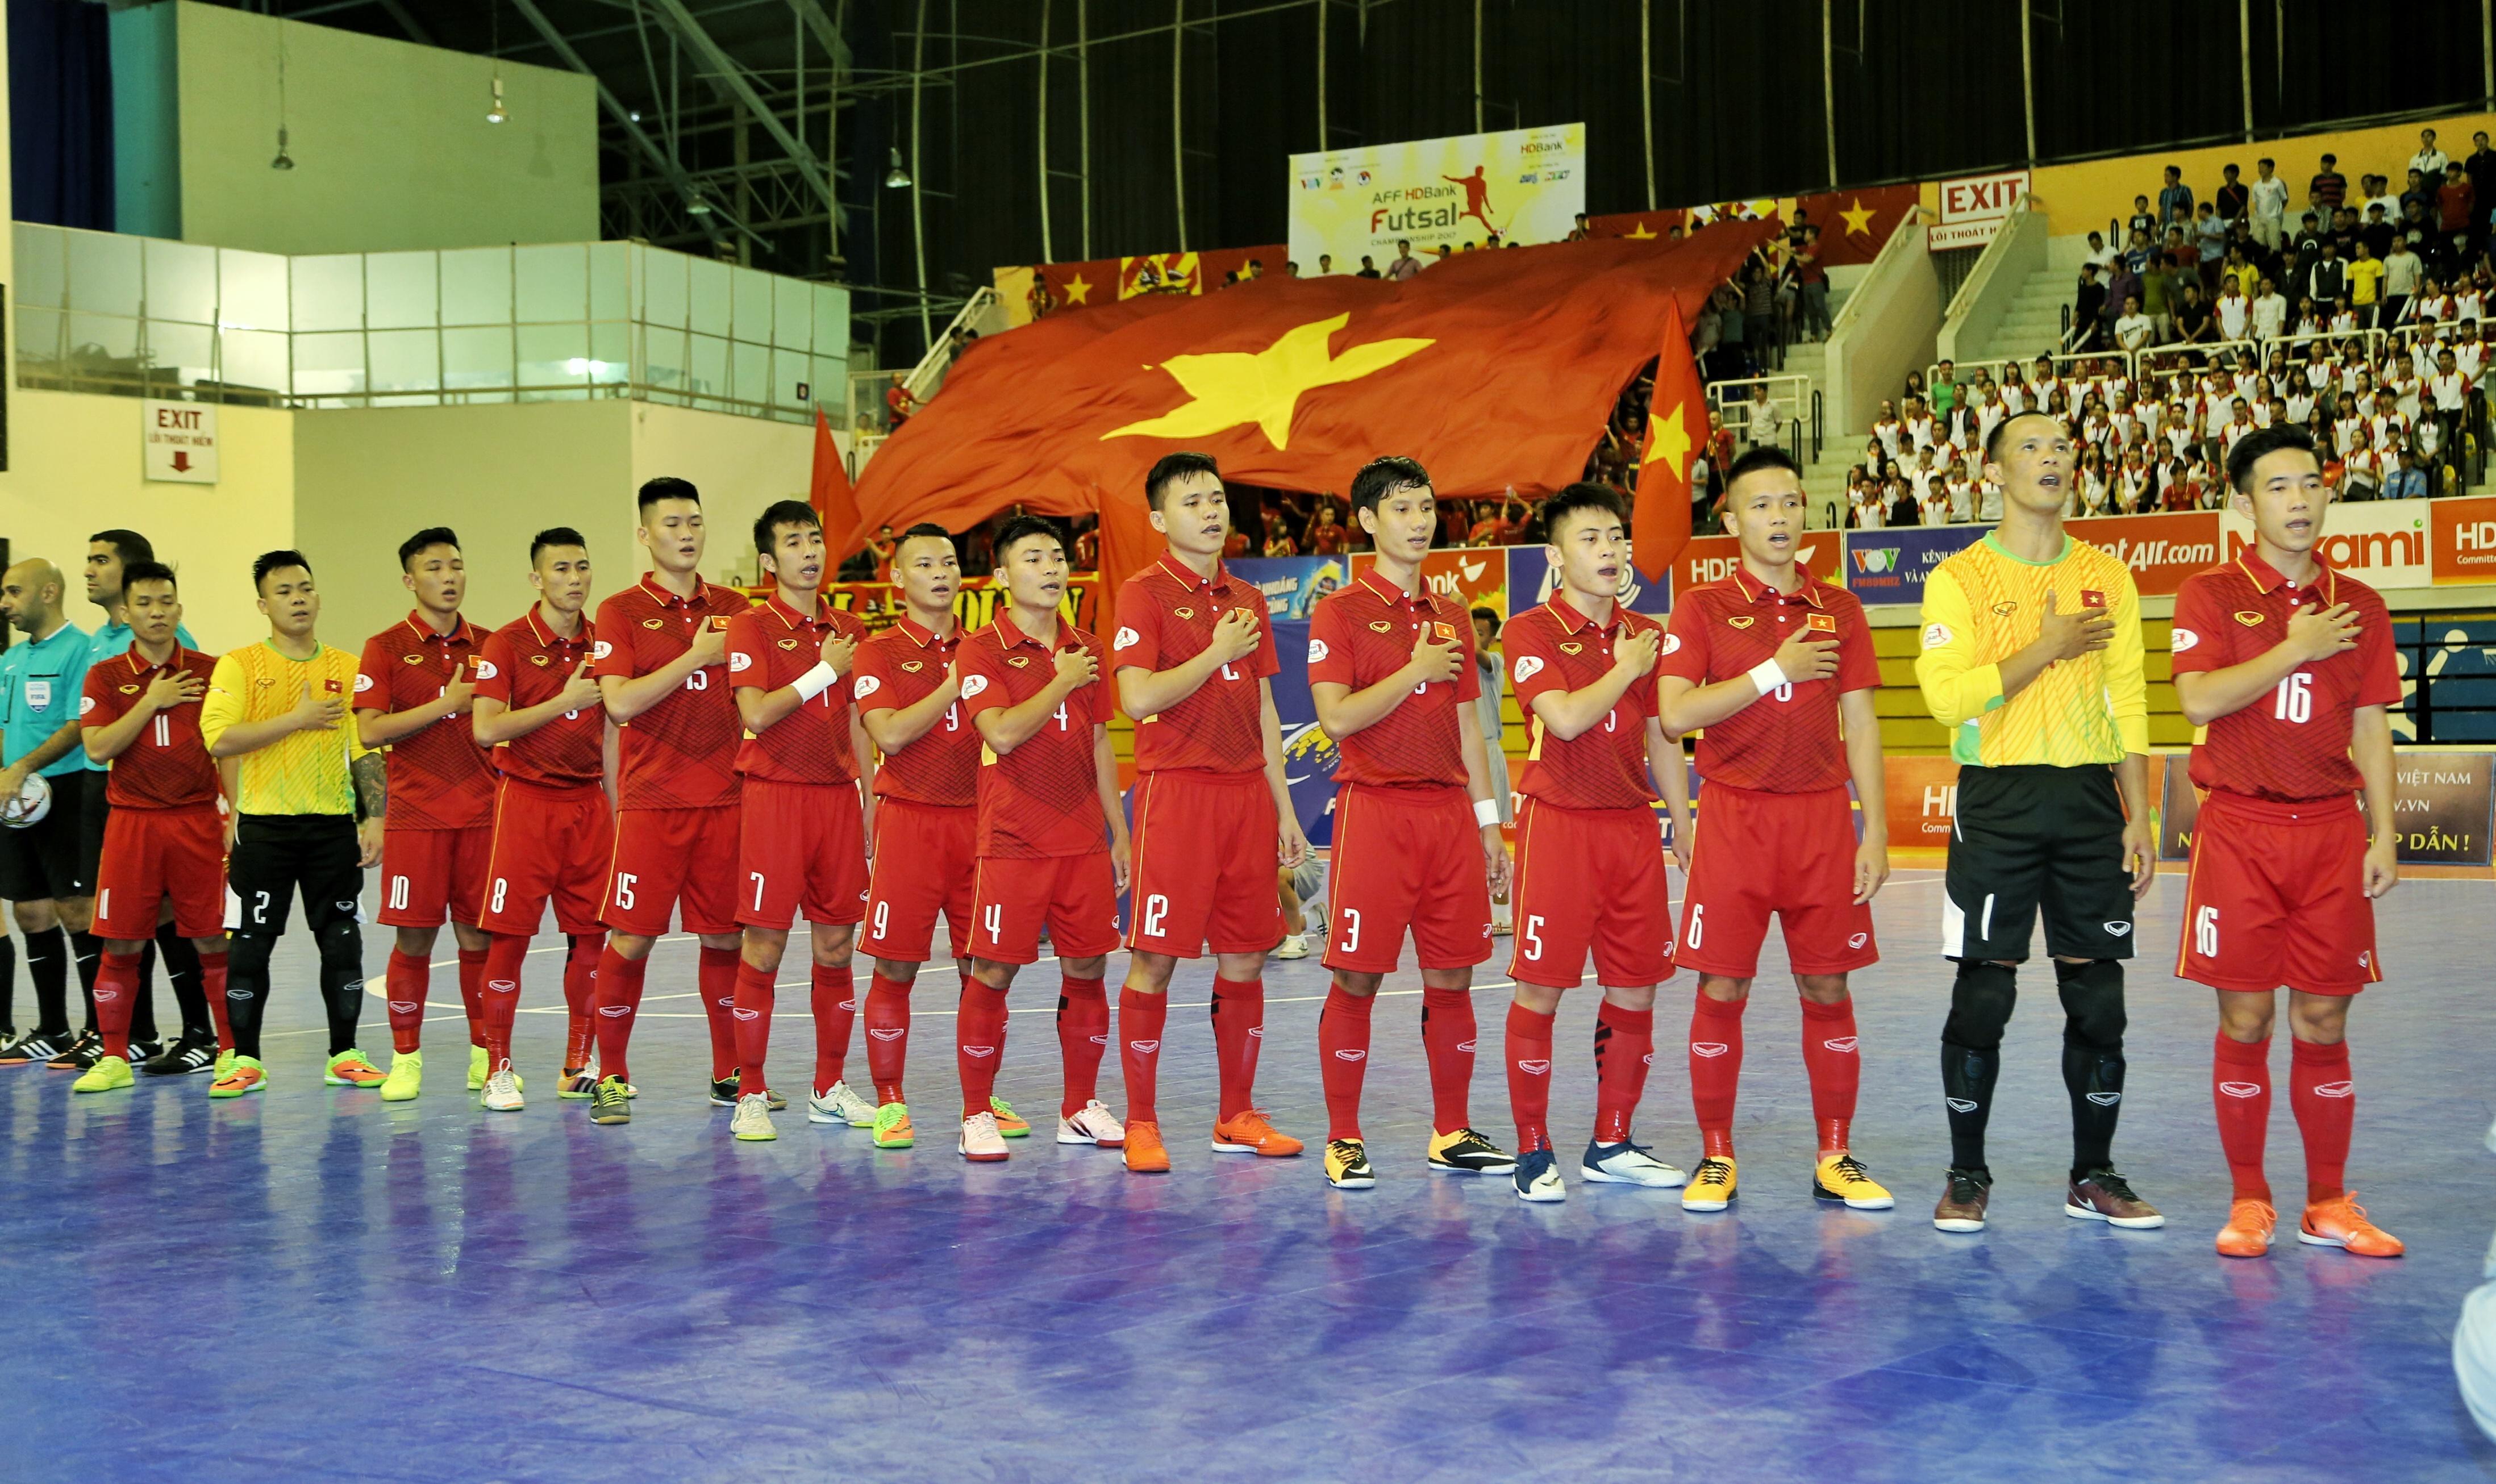 Danh sách ĐT Futsal Việt Nam tập trung chuẩn bị tham dự Giải Đông Nam Á 2018